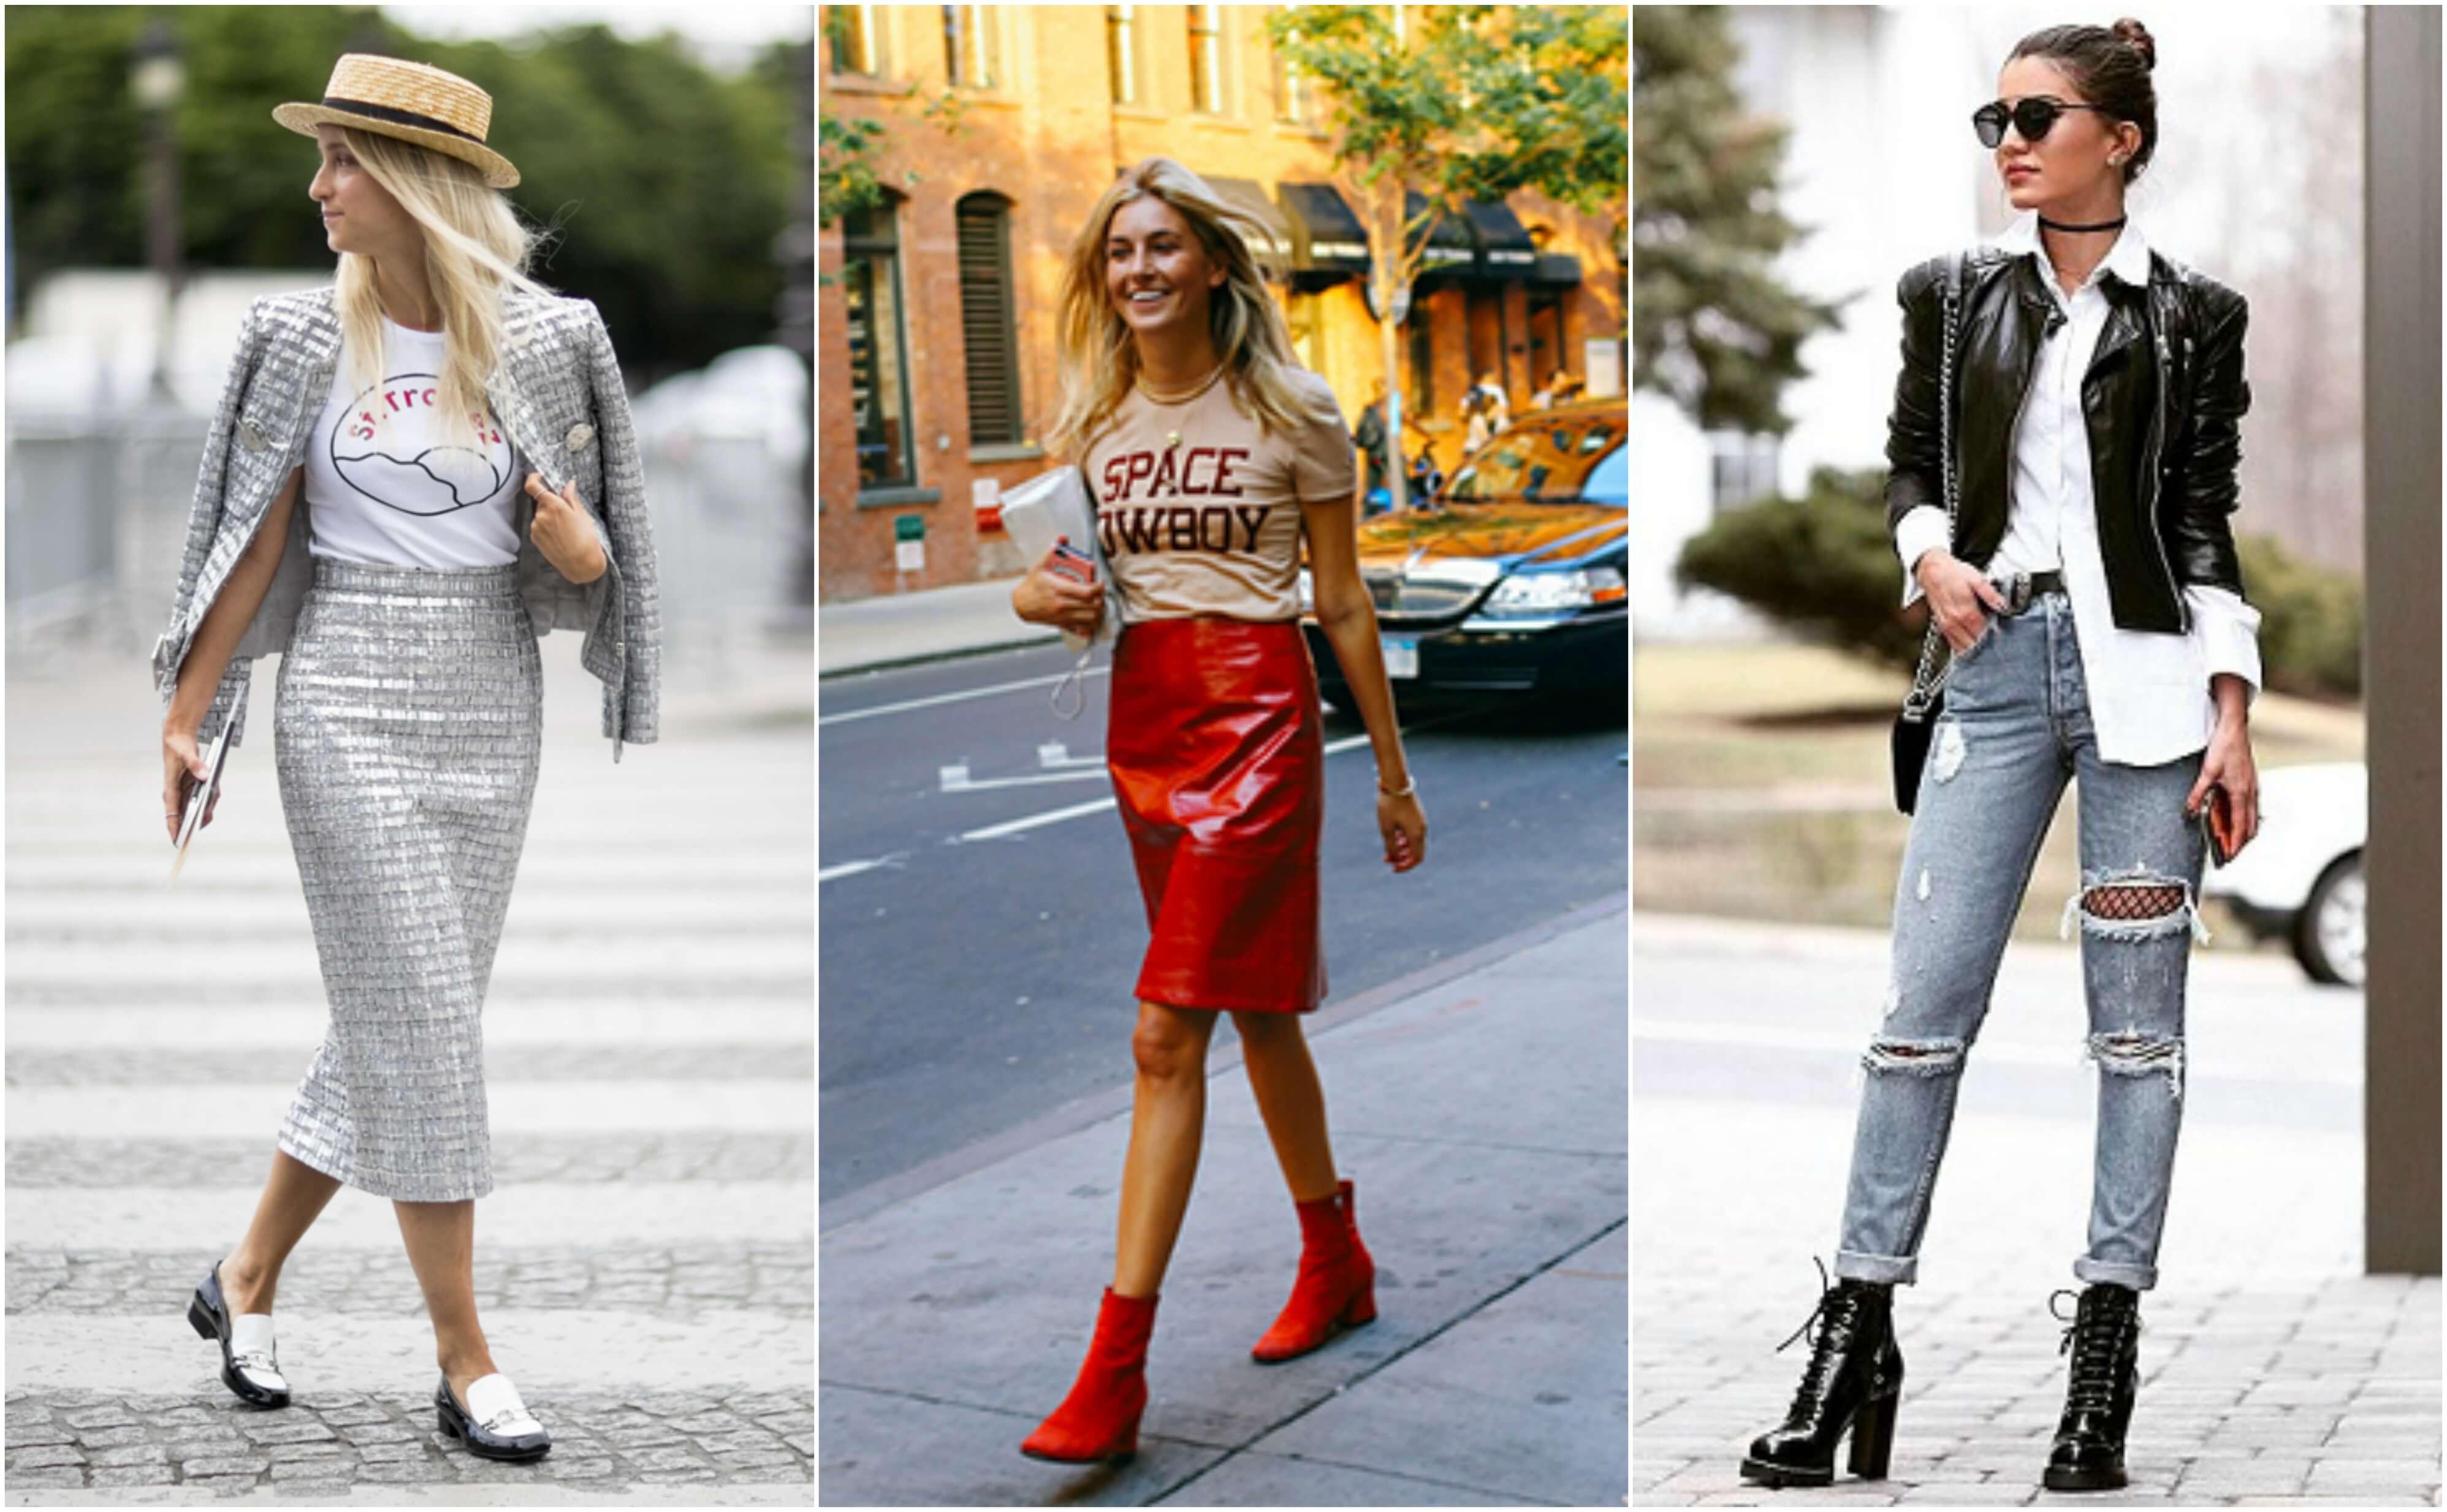 O estilo fashionista esbanja criatividade e excentricidade 3c429d34361